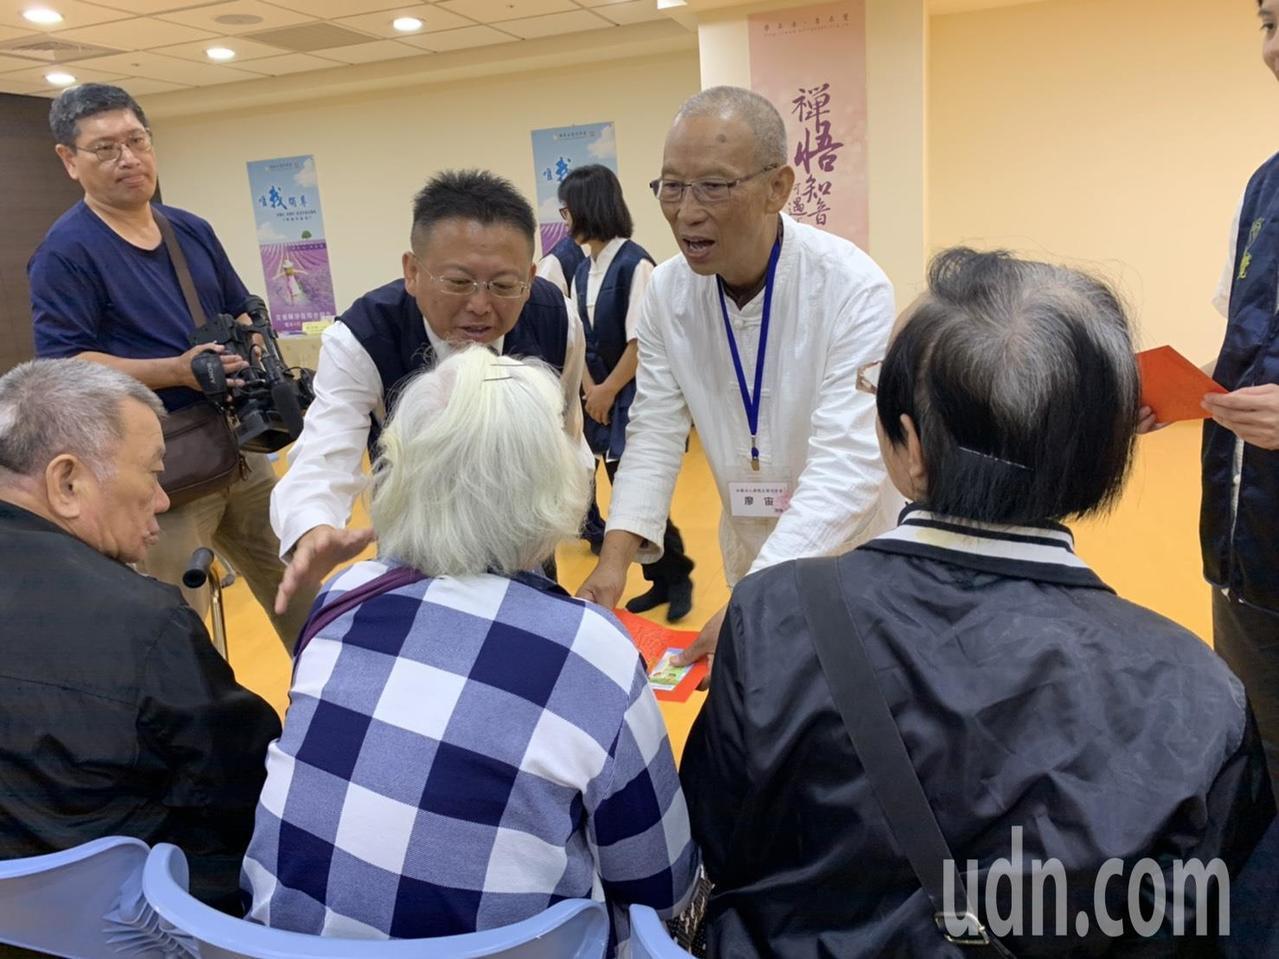 佛教正觉同修会将爱心红包亲送到弱势民众手中。记者张念慈/摄影